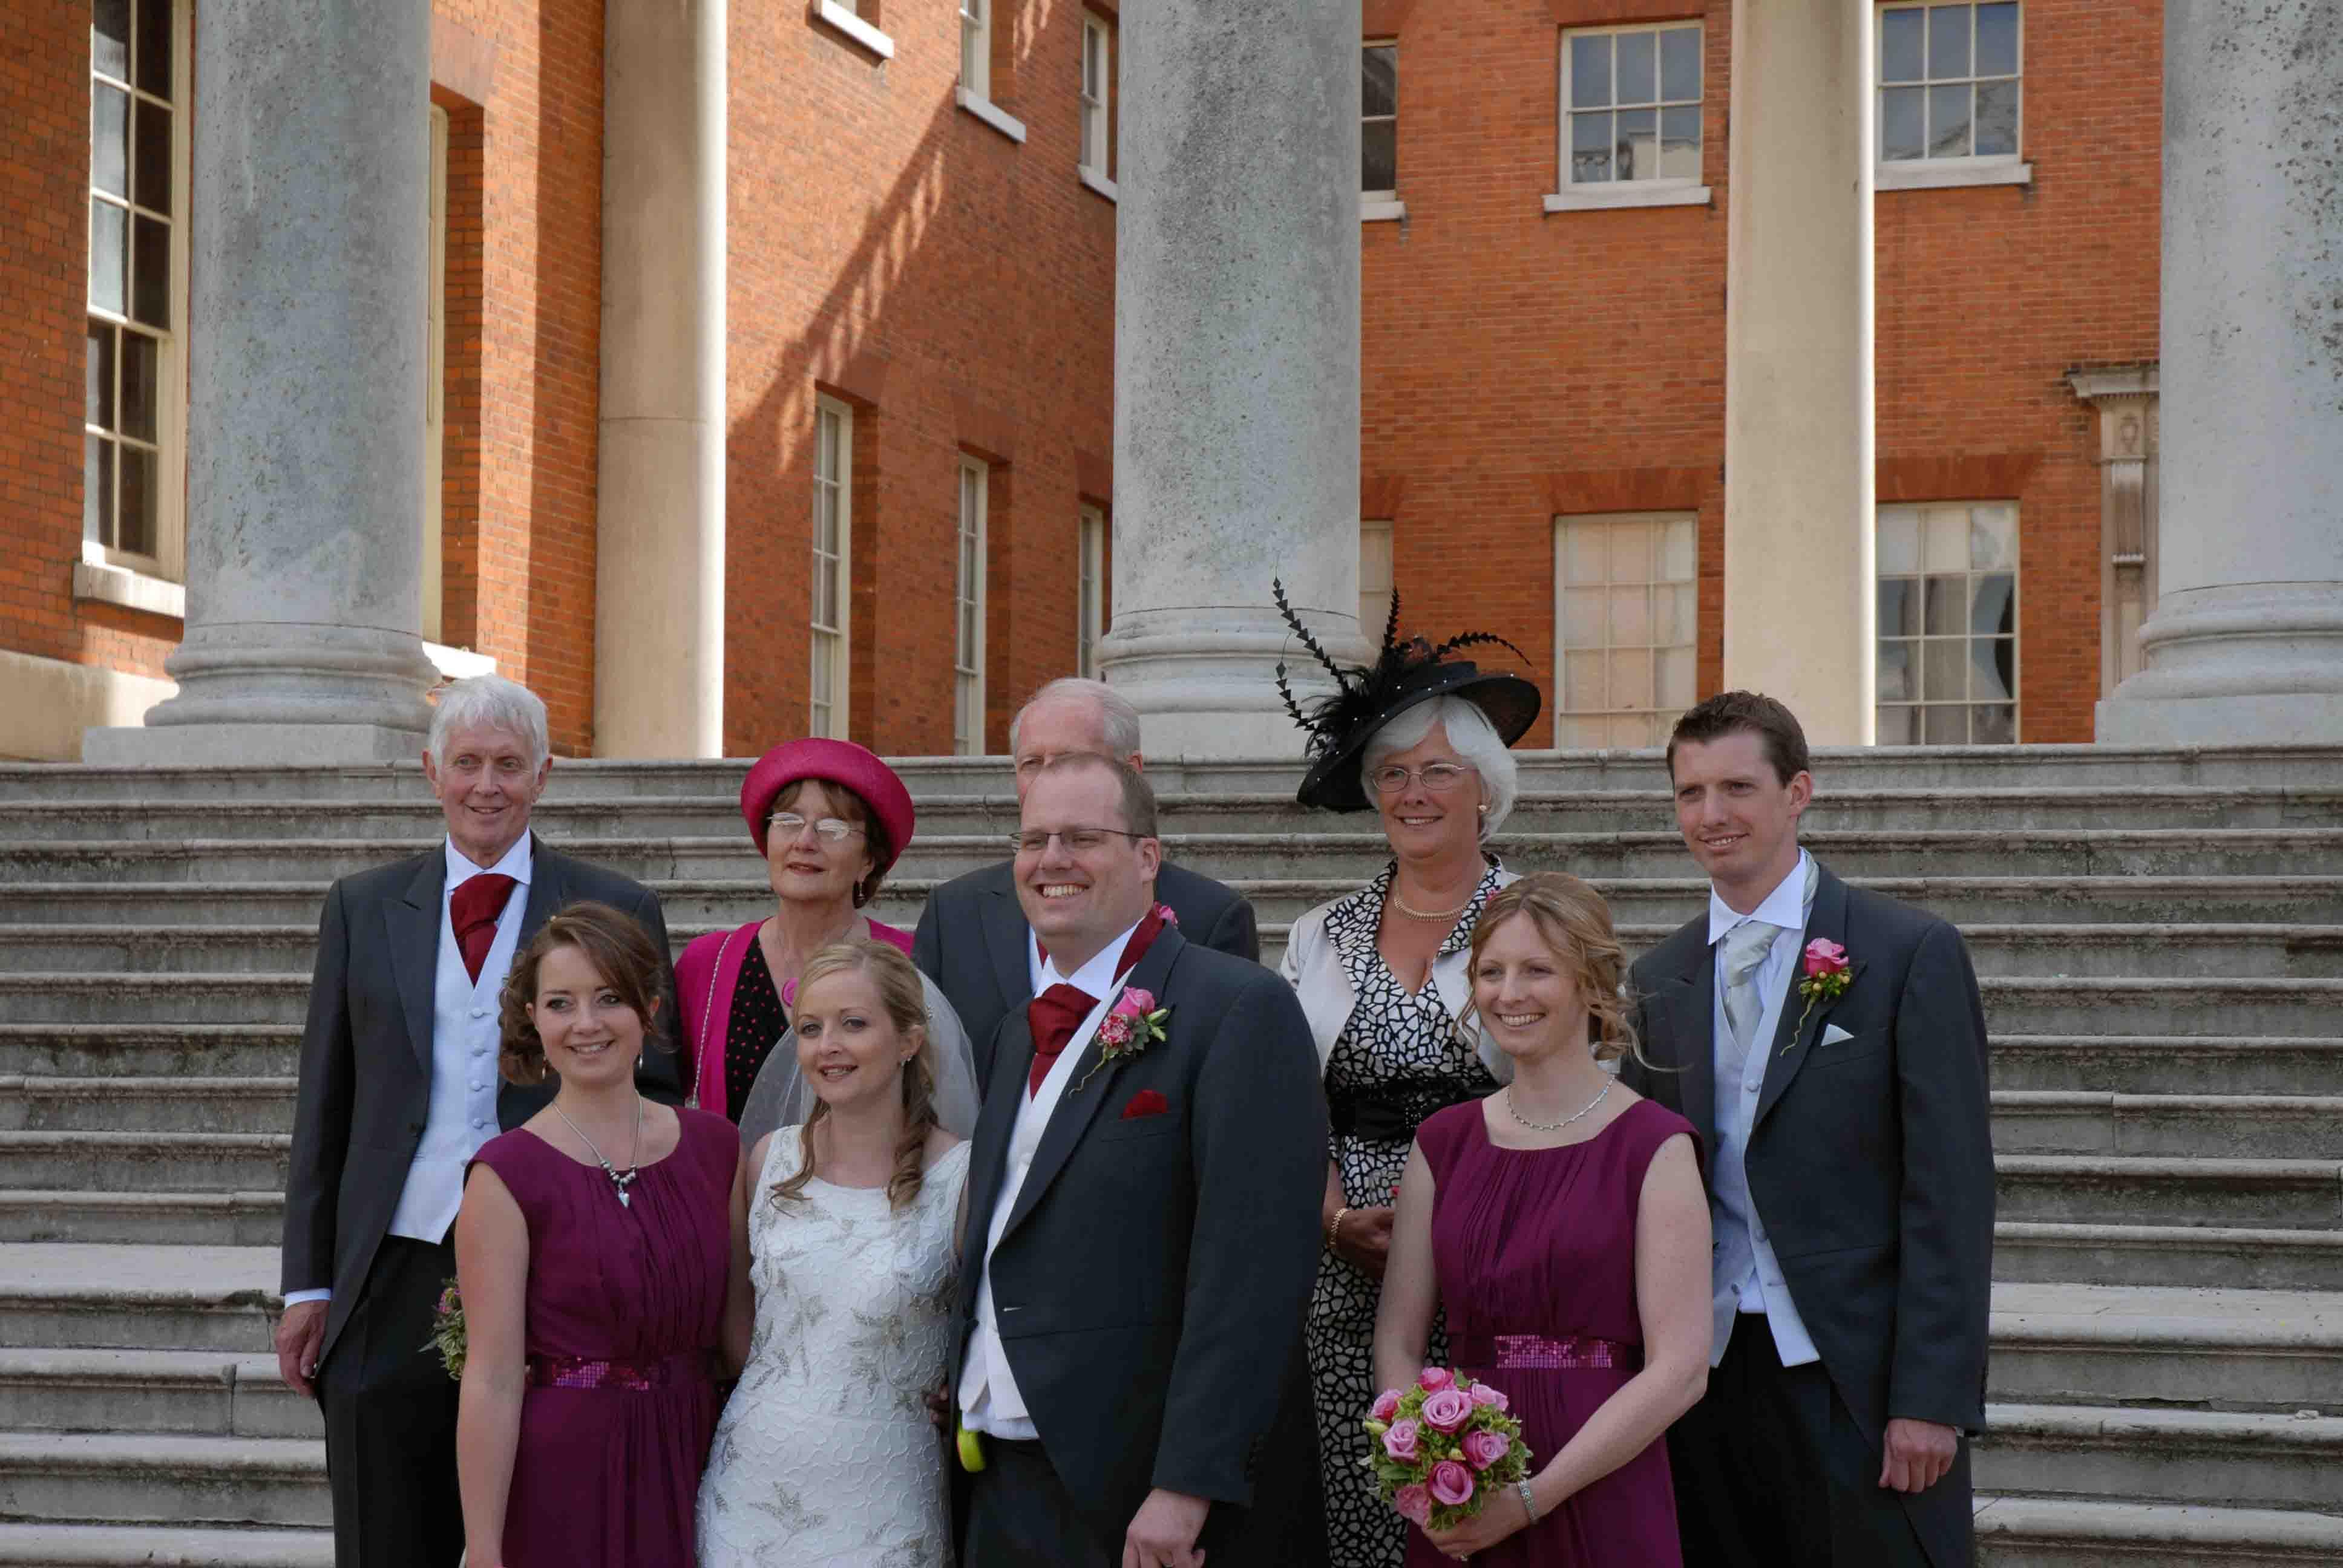 O'Brien Wedding062